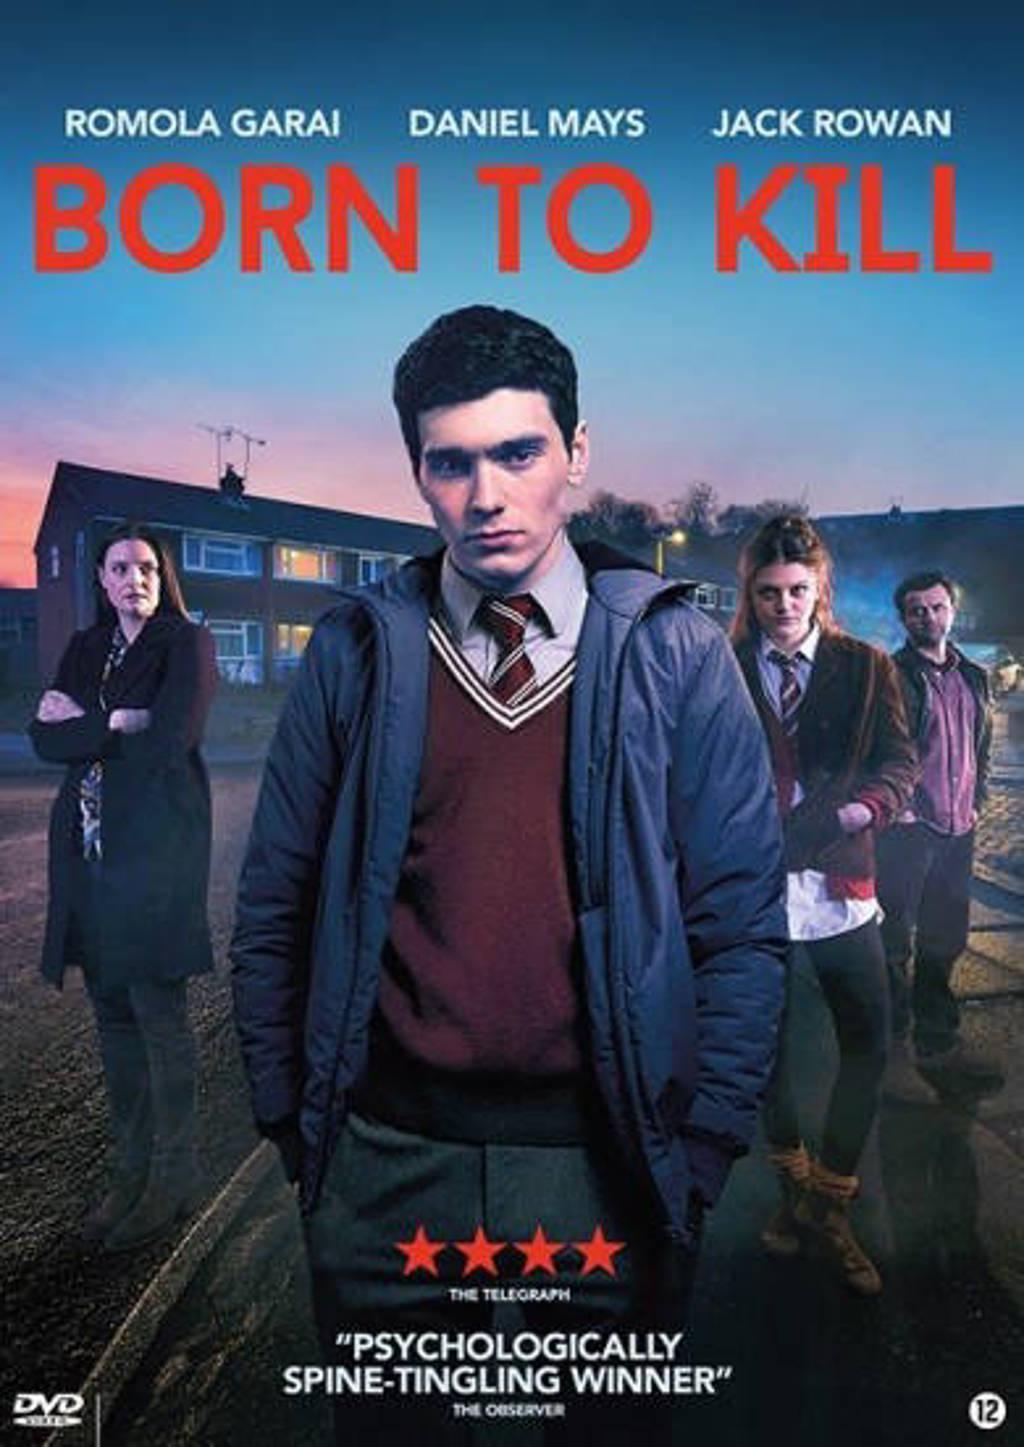 Born to kill (DVD)